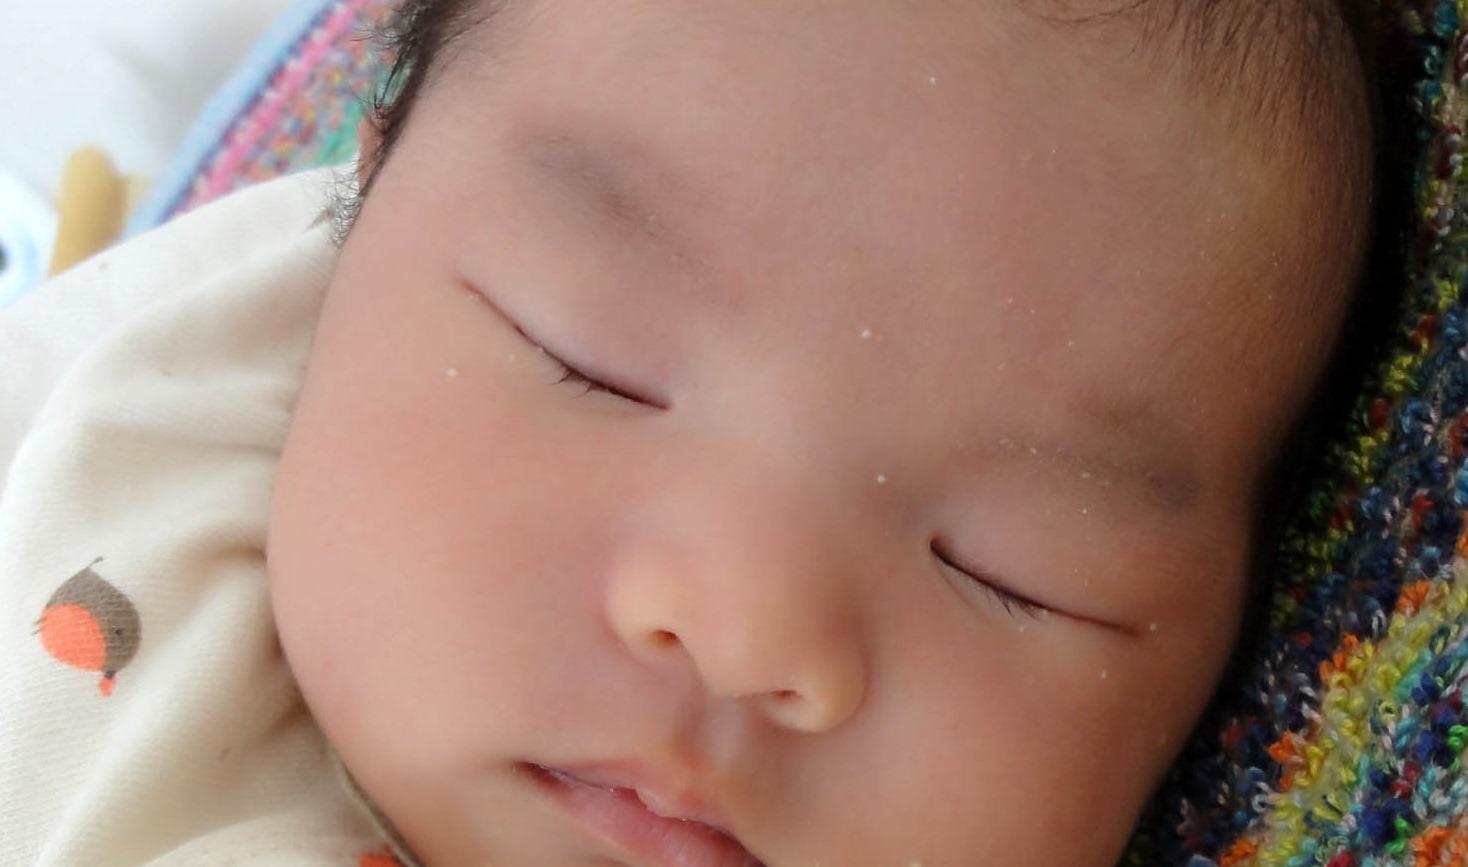 よく見ると 生後1ヶ月の娘に まつ毛が生えてきました!